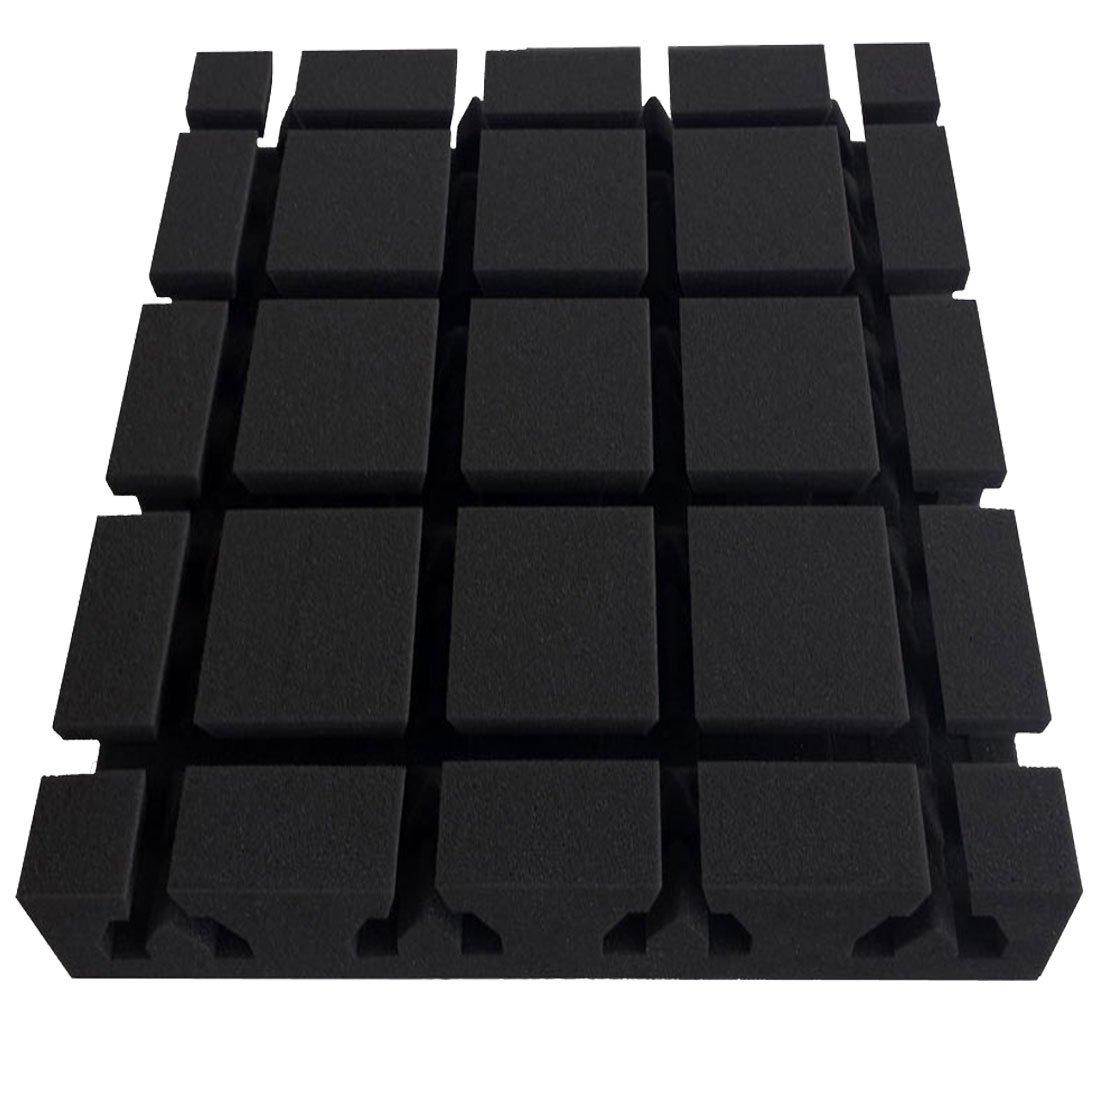 Acú stica –  absorber Sonora, 40 x 40 x 8 cm, antracita negro, FSE (igní fuga segú n mvss302) 40x 40x 8cm FSE (ignífuga según mvss302) Pyramidenkönig